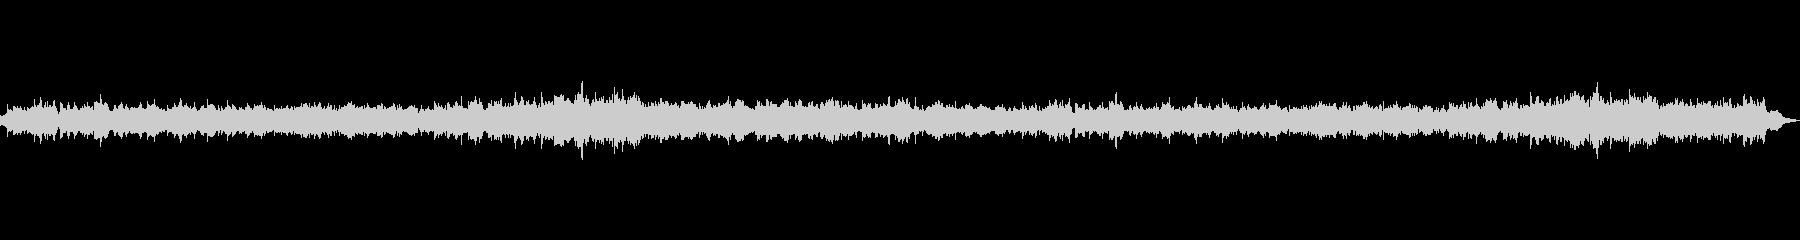 アンビエントミュージック ファンタ...の未再生の波形